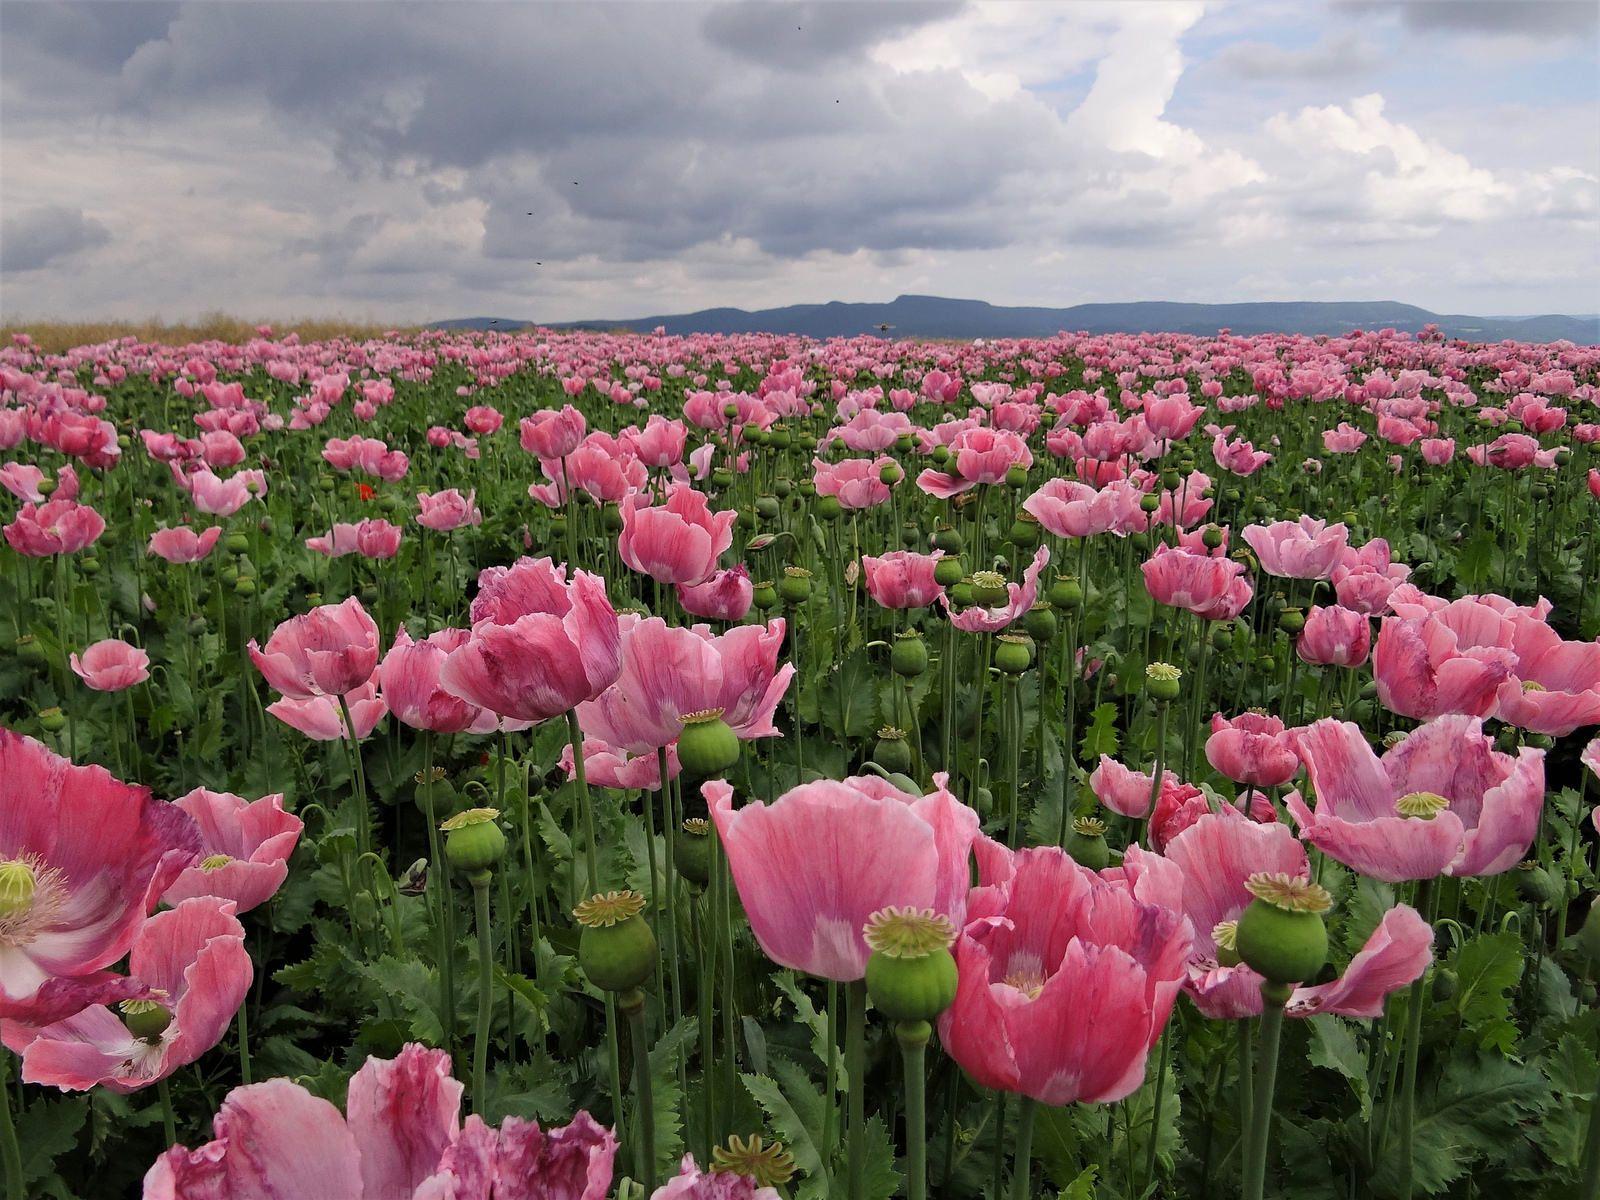 Rosa Mohn Feld Mohn Blumen Rosa